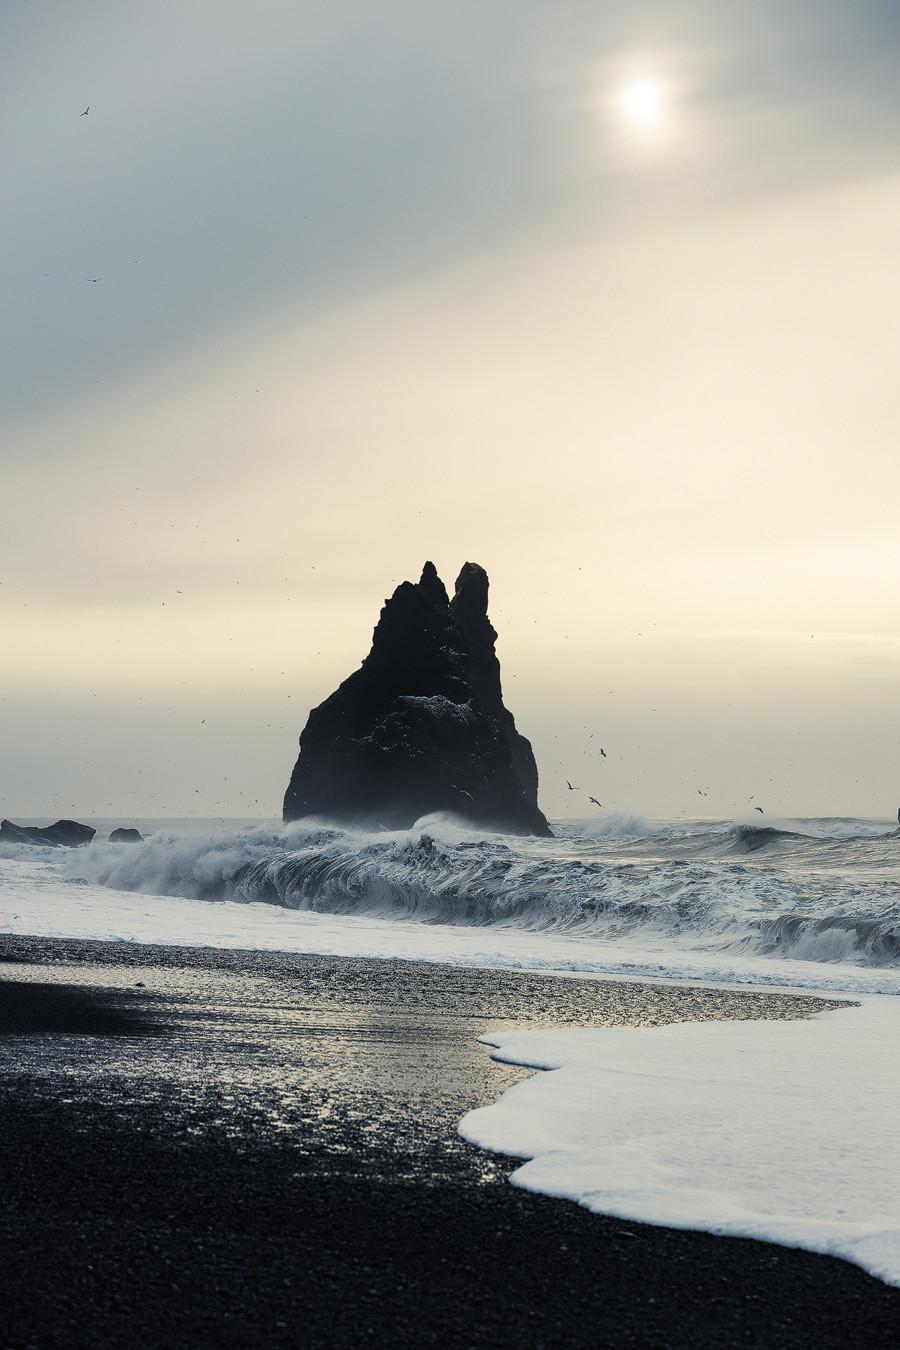 Abertausende Möwen genießen um die Felsen spielend die zarte Morgensonne. Fotostory Island, Strand Vík.